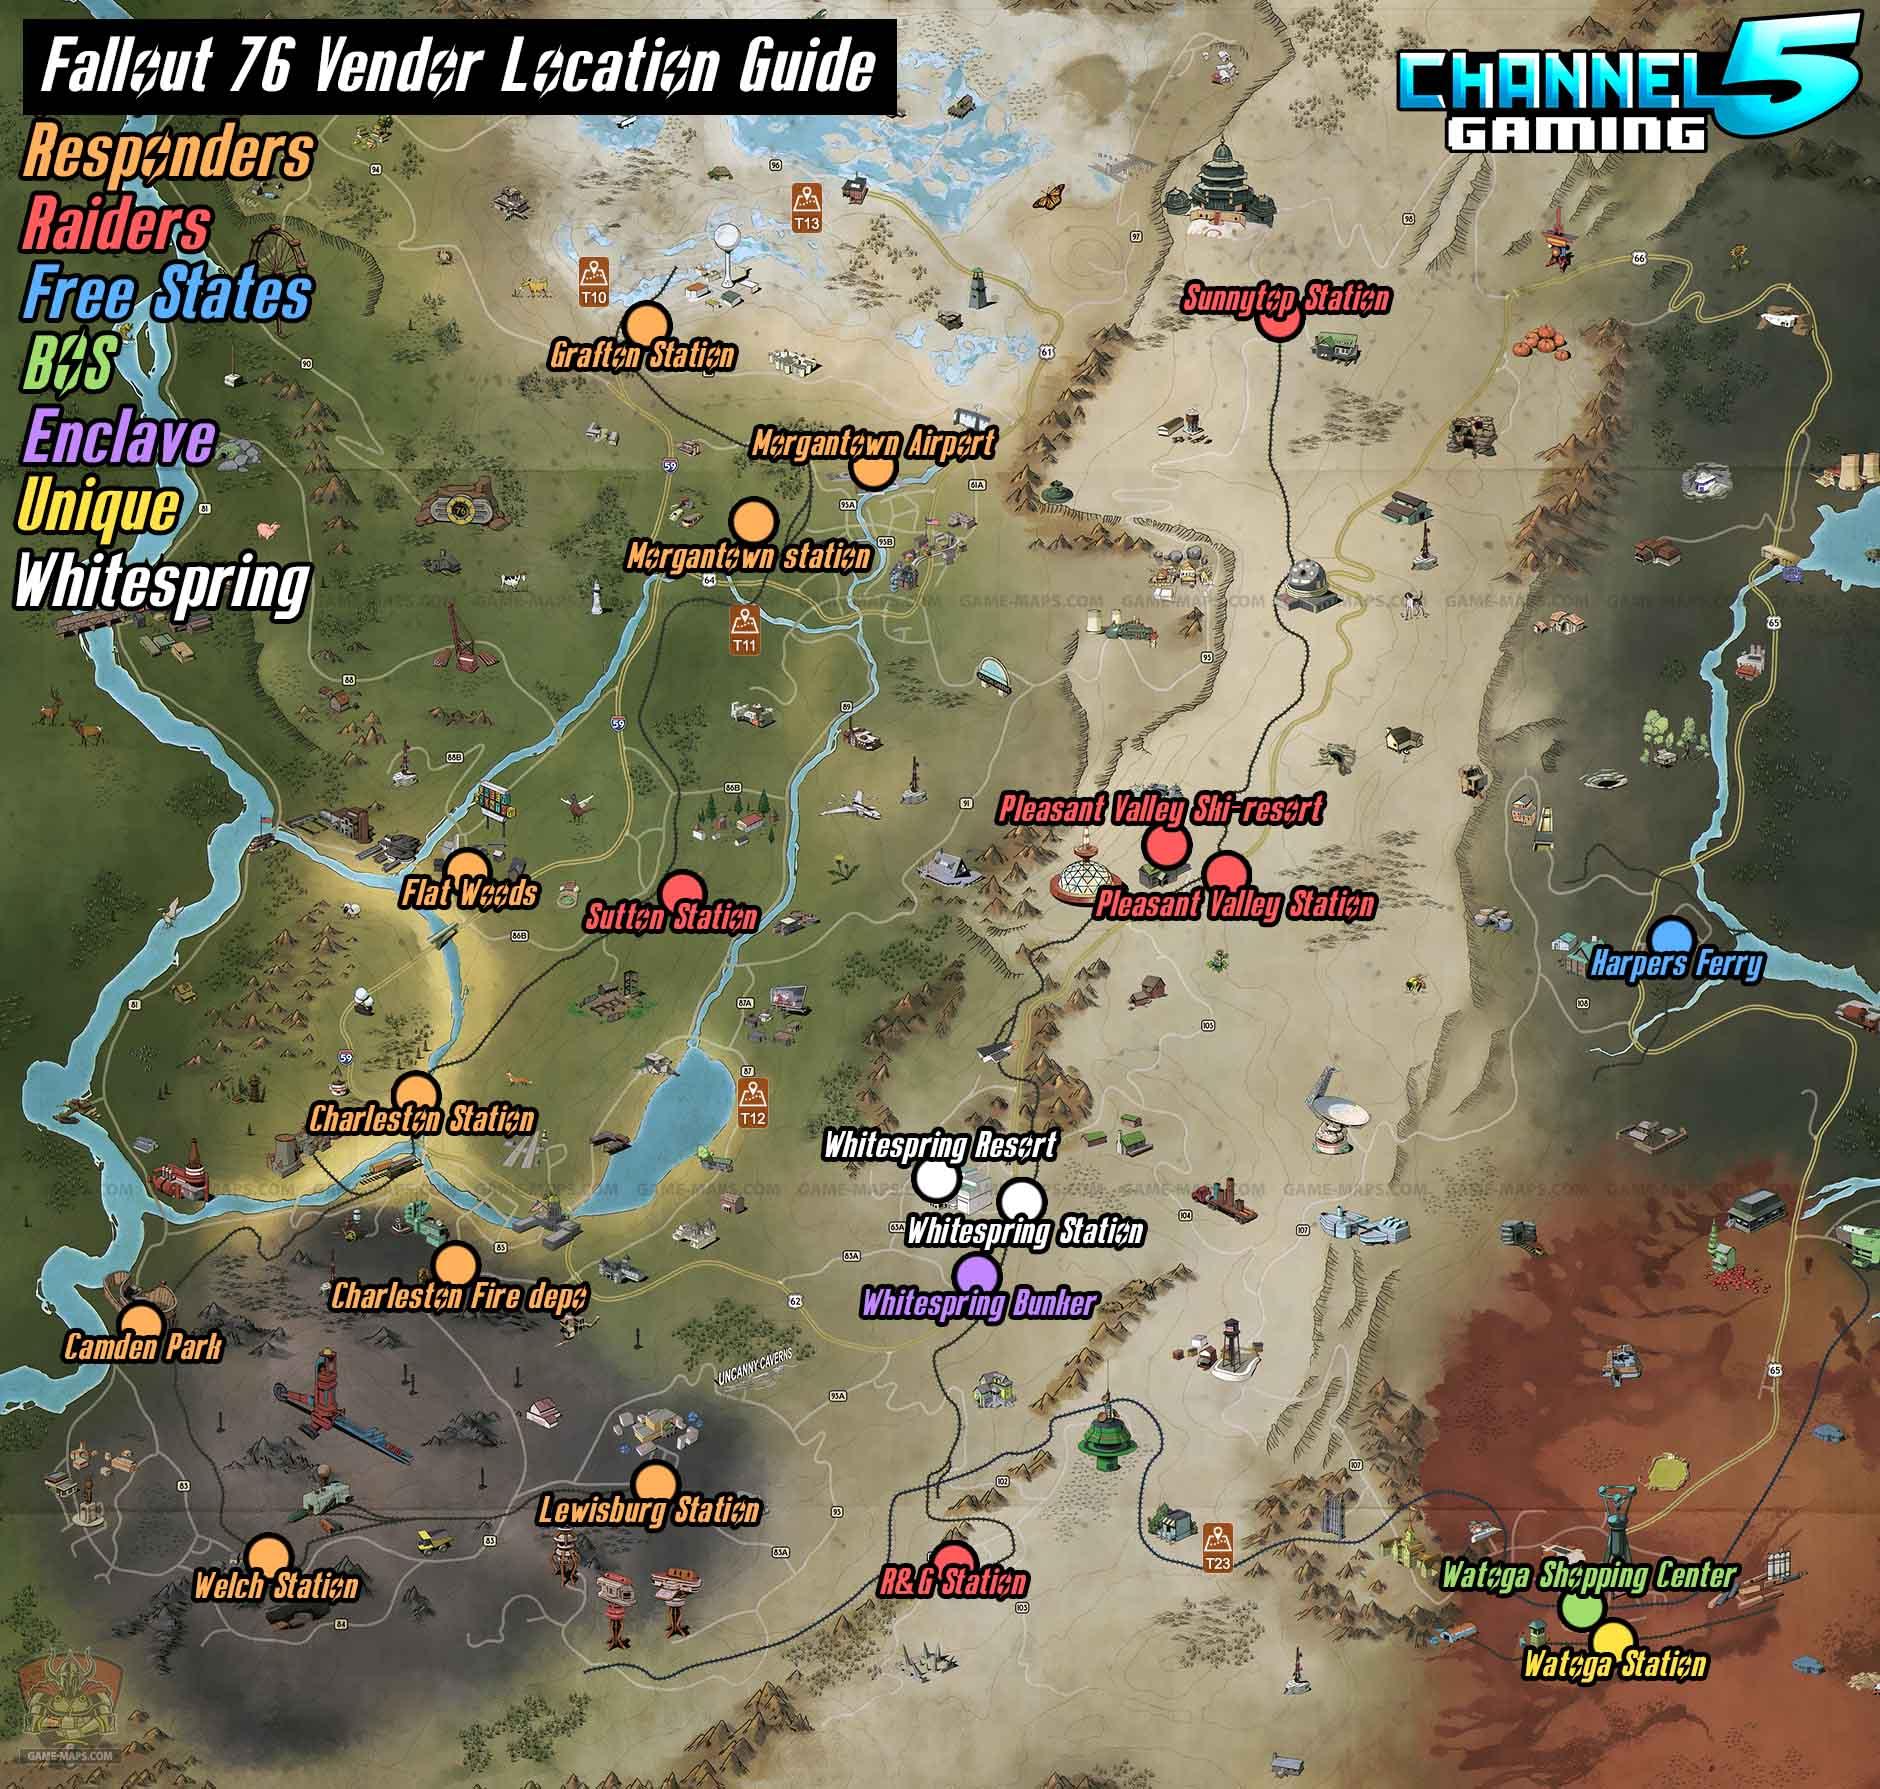 All Vendor Locations Map Fo76